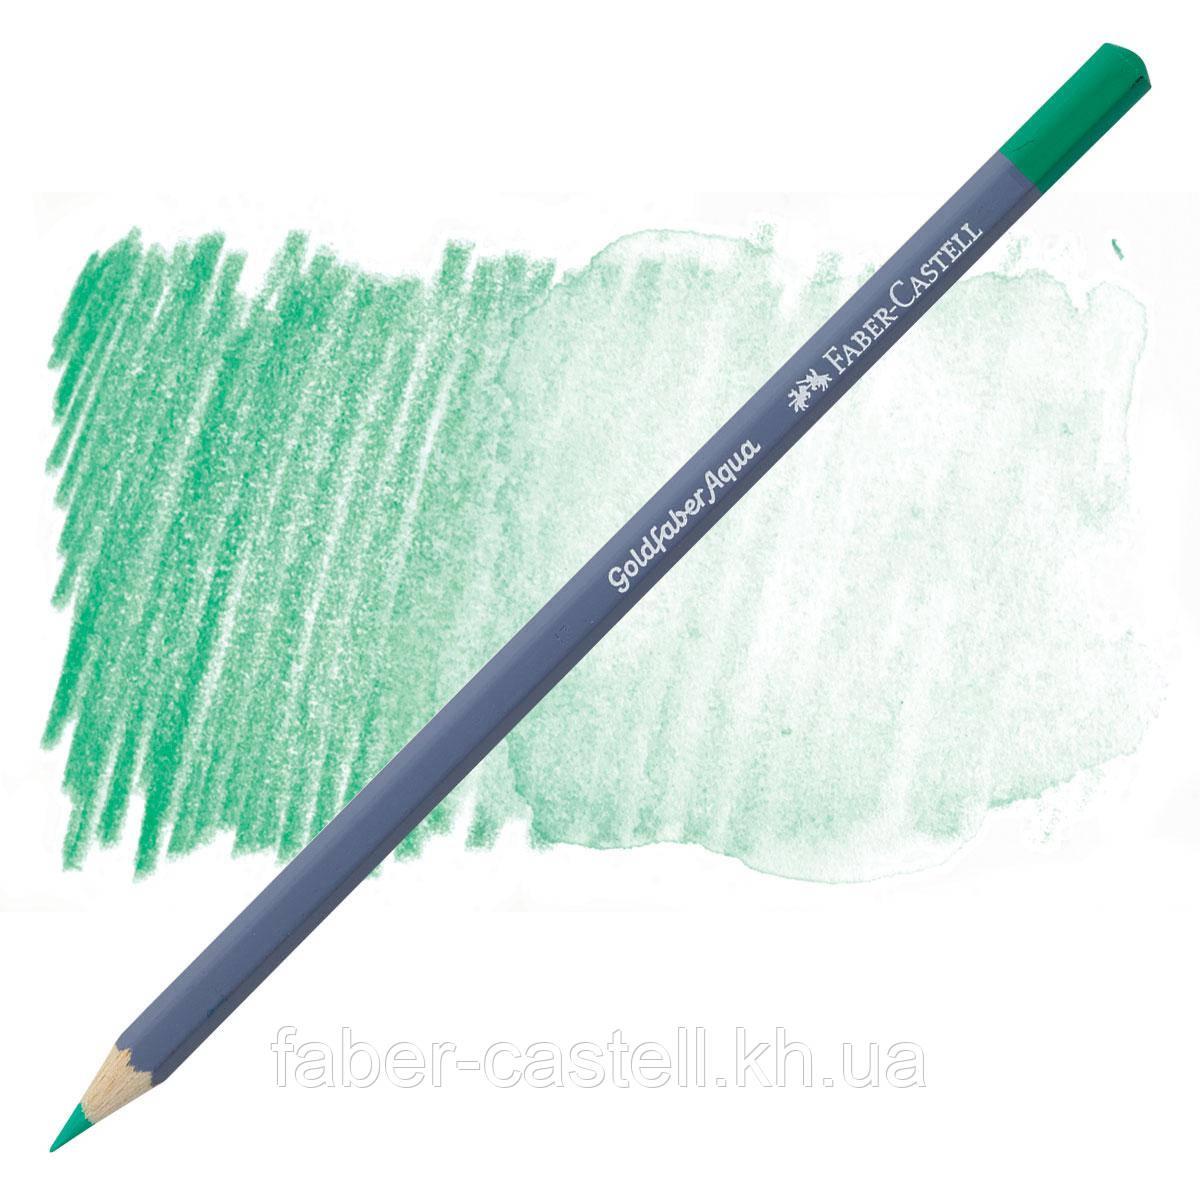 Карандаш акварельный Faber-Castell Goldfaber Aqua цвет светло-бирюзовая зелень №162, 114662